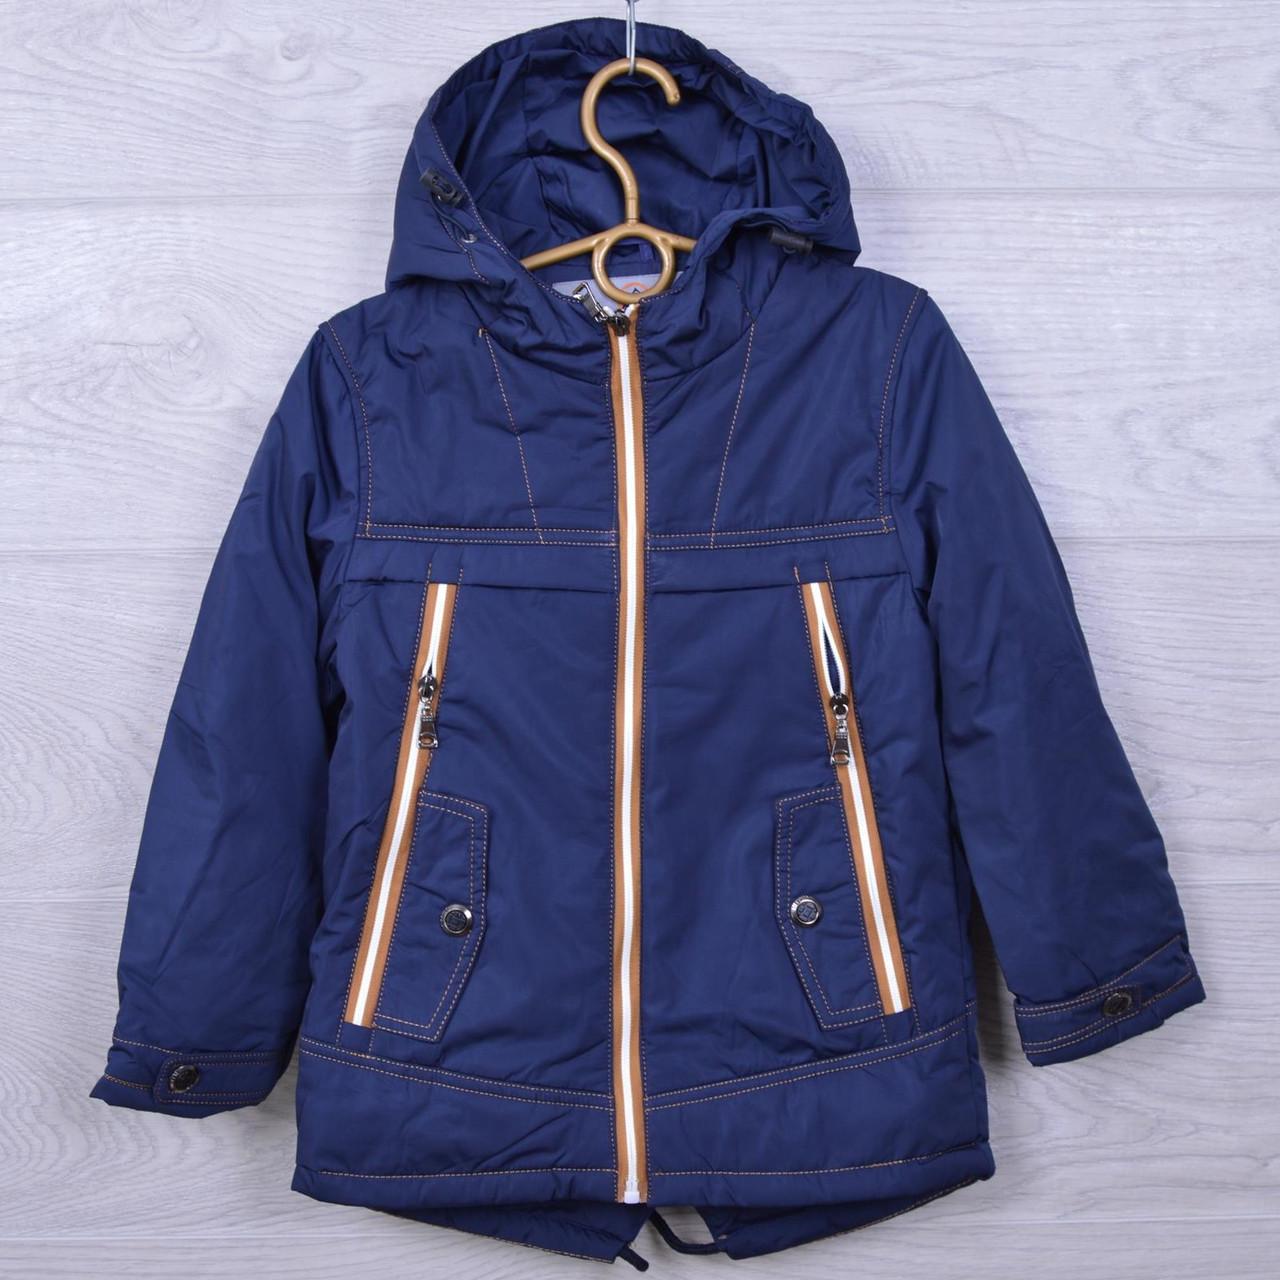 Куртка детская демисезонная Fashion#16В-13 для мальчиков. 92-116 см. Темно-синяя. Оптом.